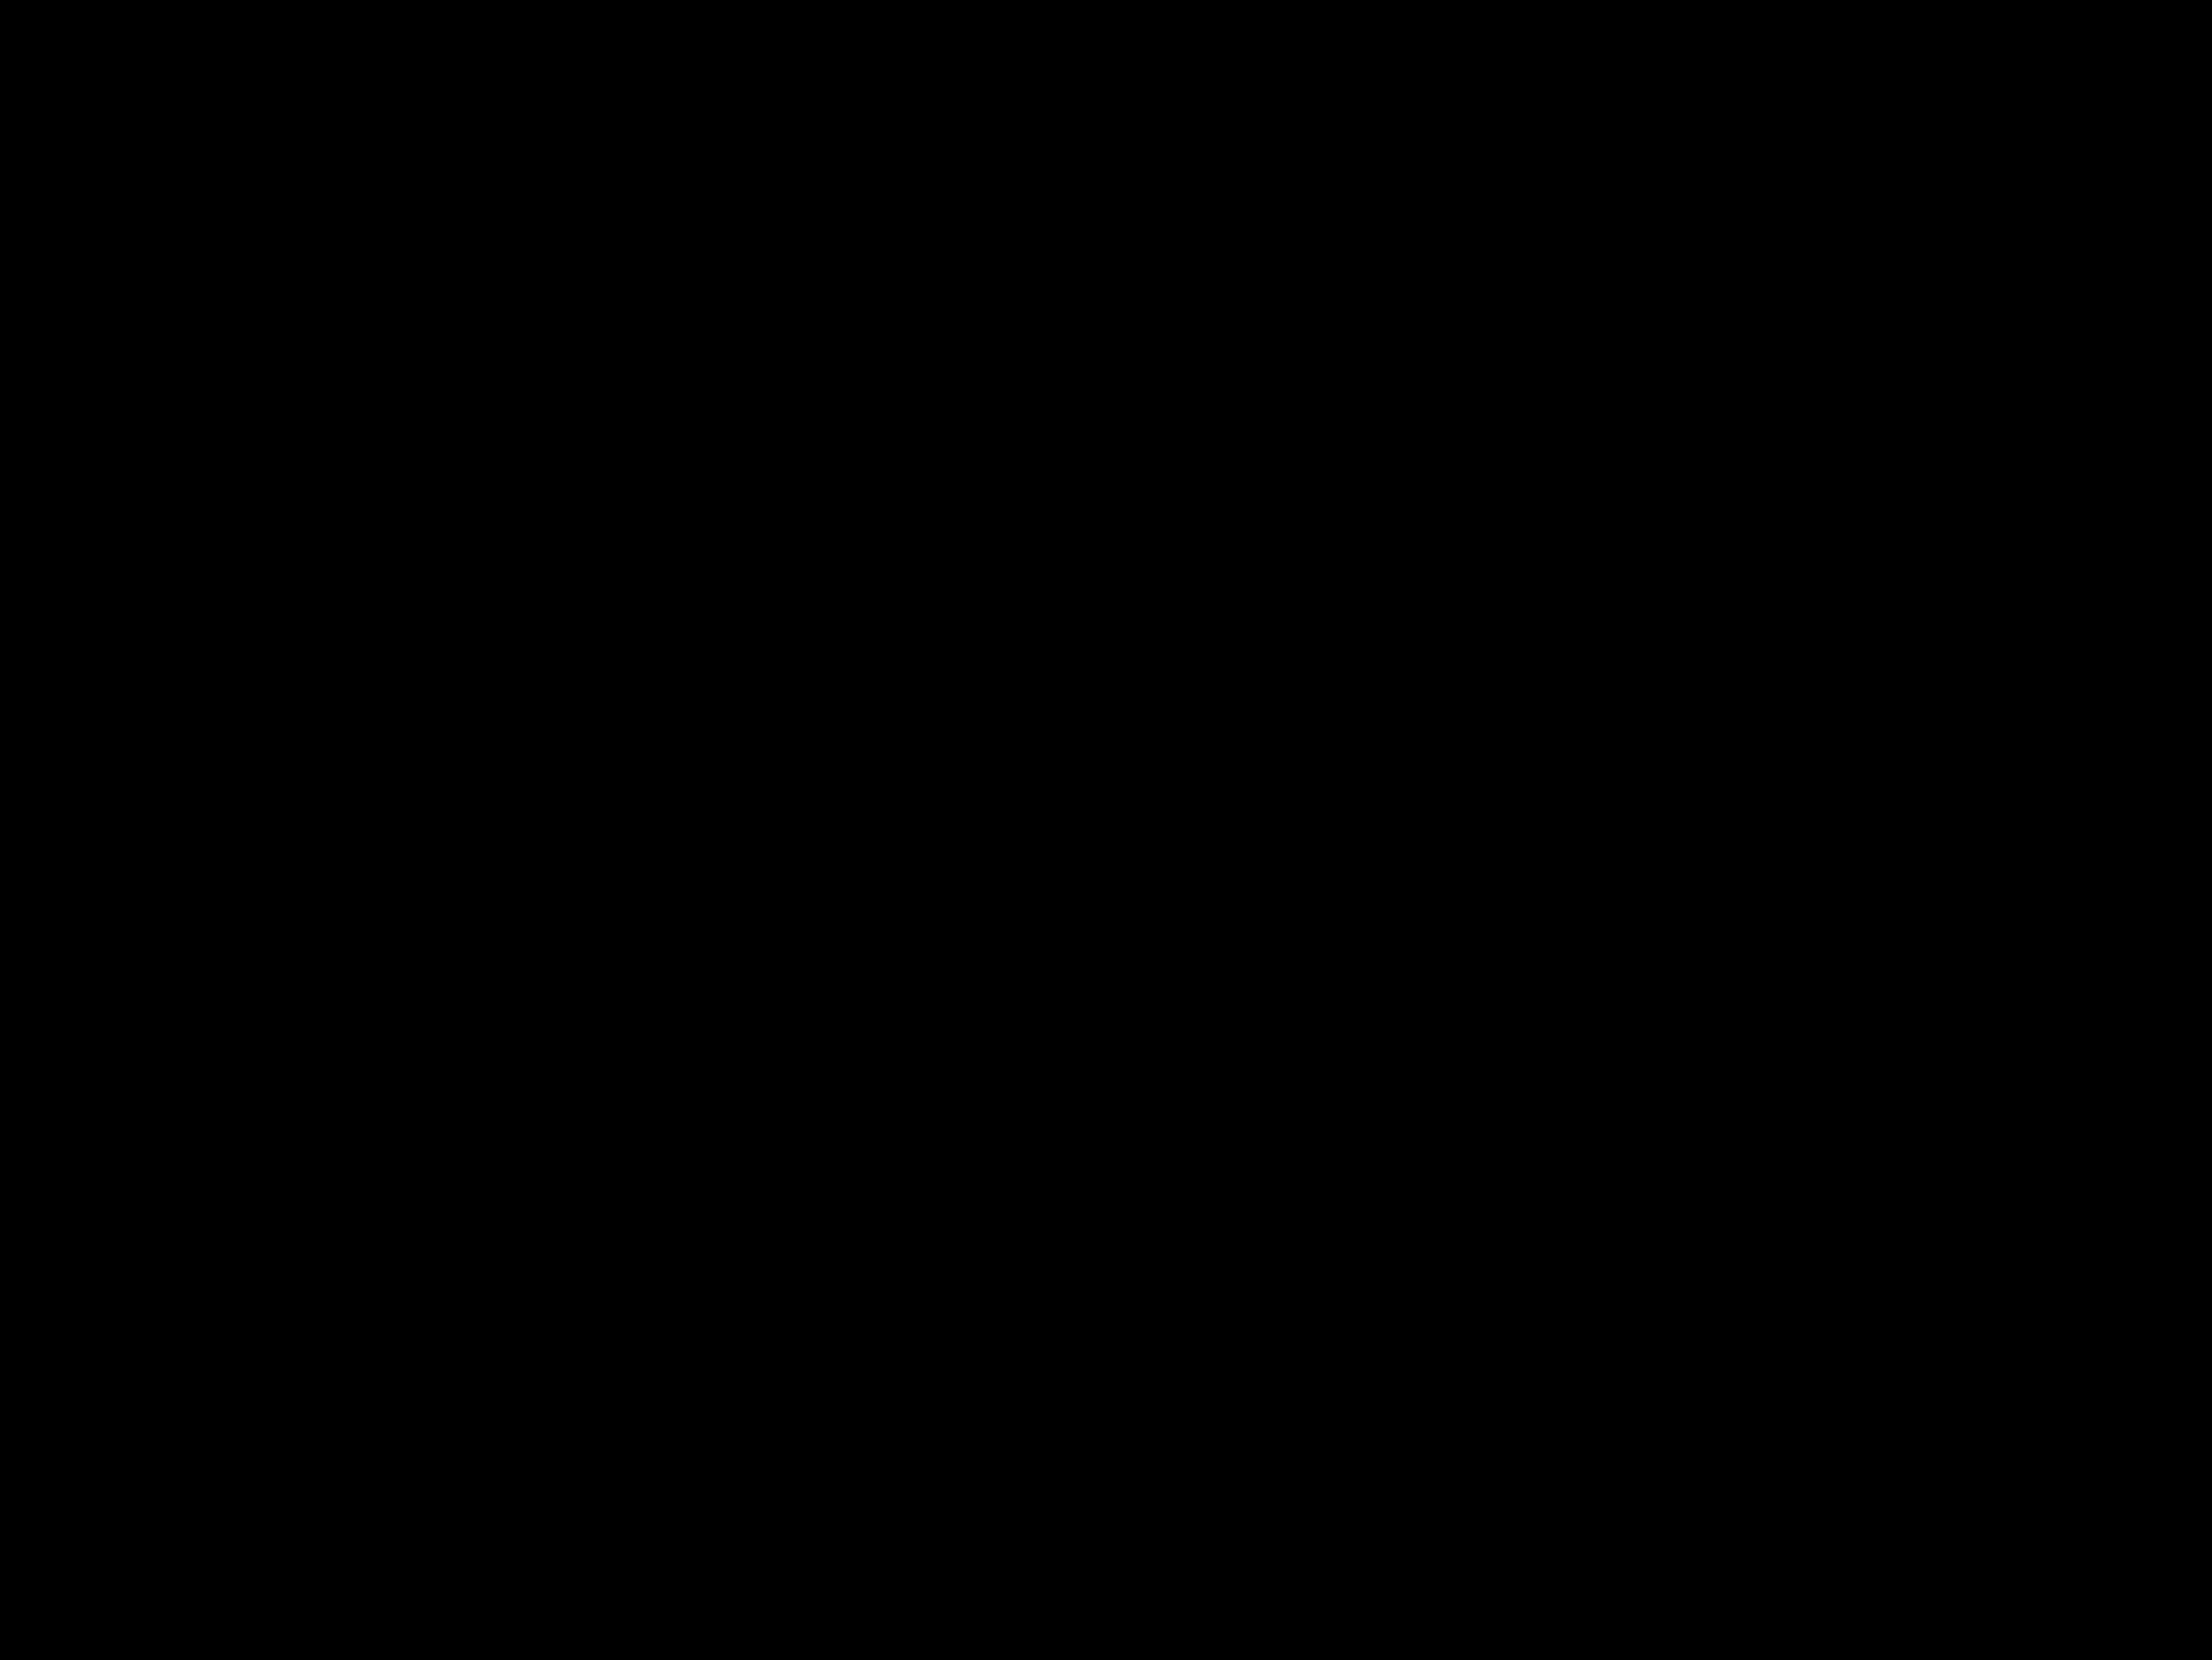 promo code 77109 56747 Air On The Moon  The Nike Air Max Lunar90 - Nike News